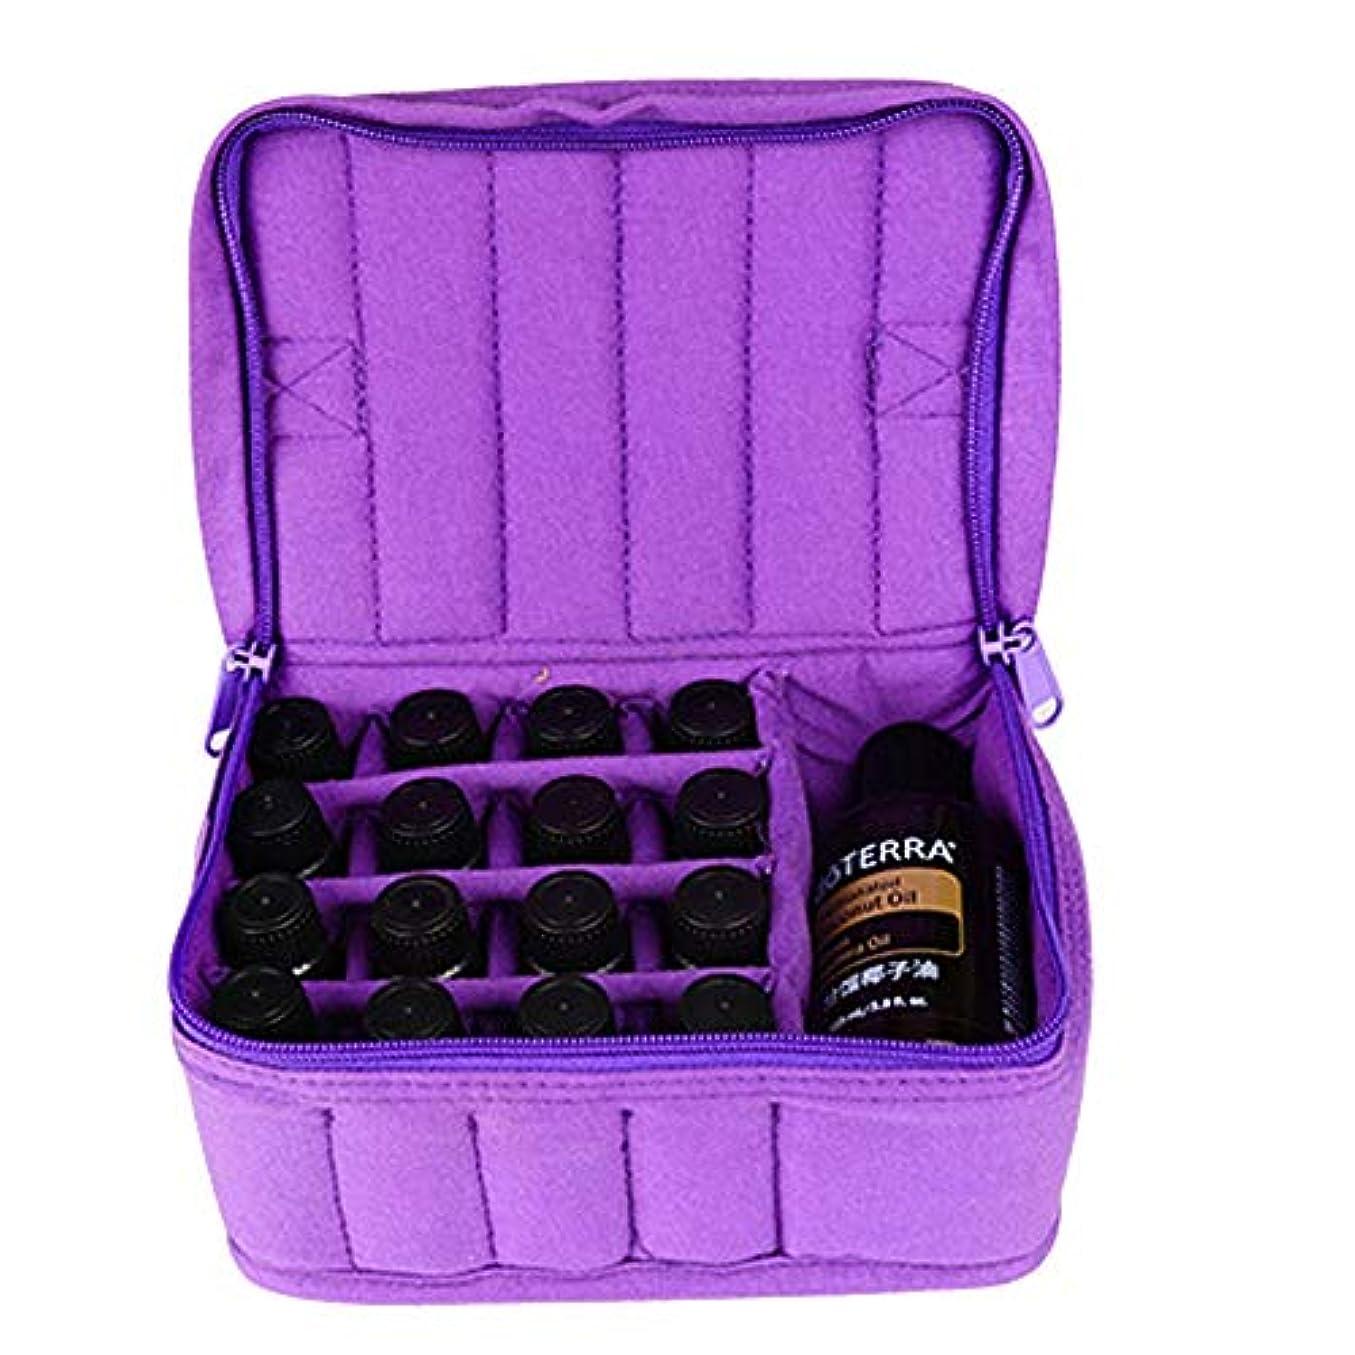 コストフェッチ忠実にエッセンシャルオイルの保管 ソフト17本のボトル-Essentialオイルキャリングケースは、旅行のための17本のボトル5ミリリットル/ 10ミリリットル/ 15ミリリットルを開催します (色 : 紫の, サイズ : 17X14X7.5CM)